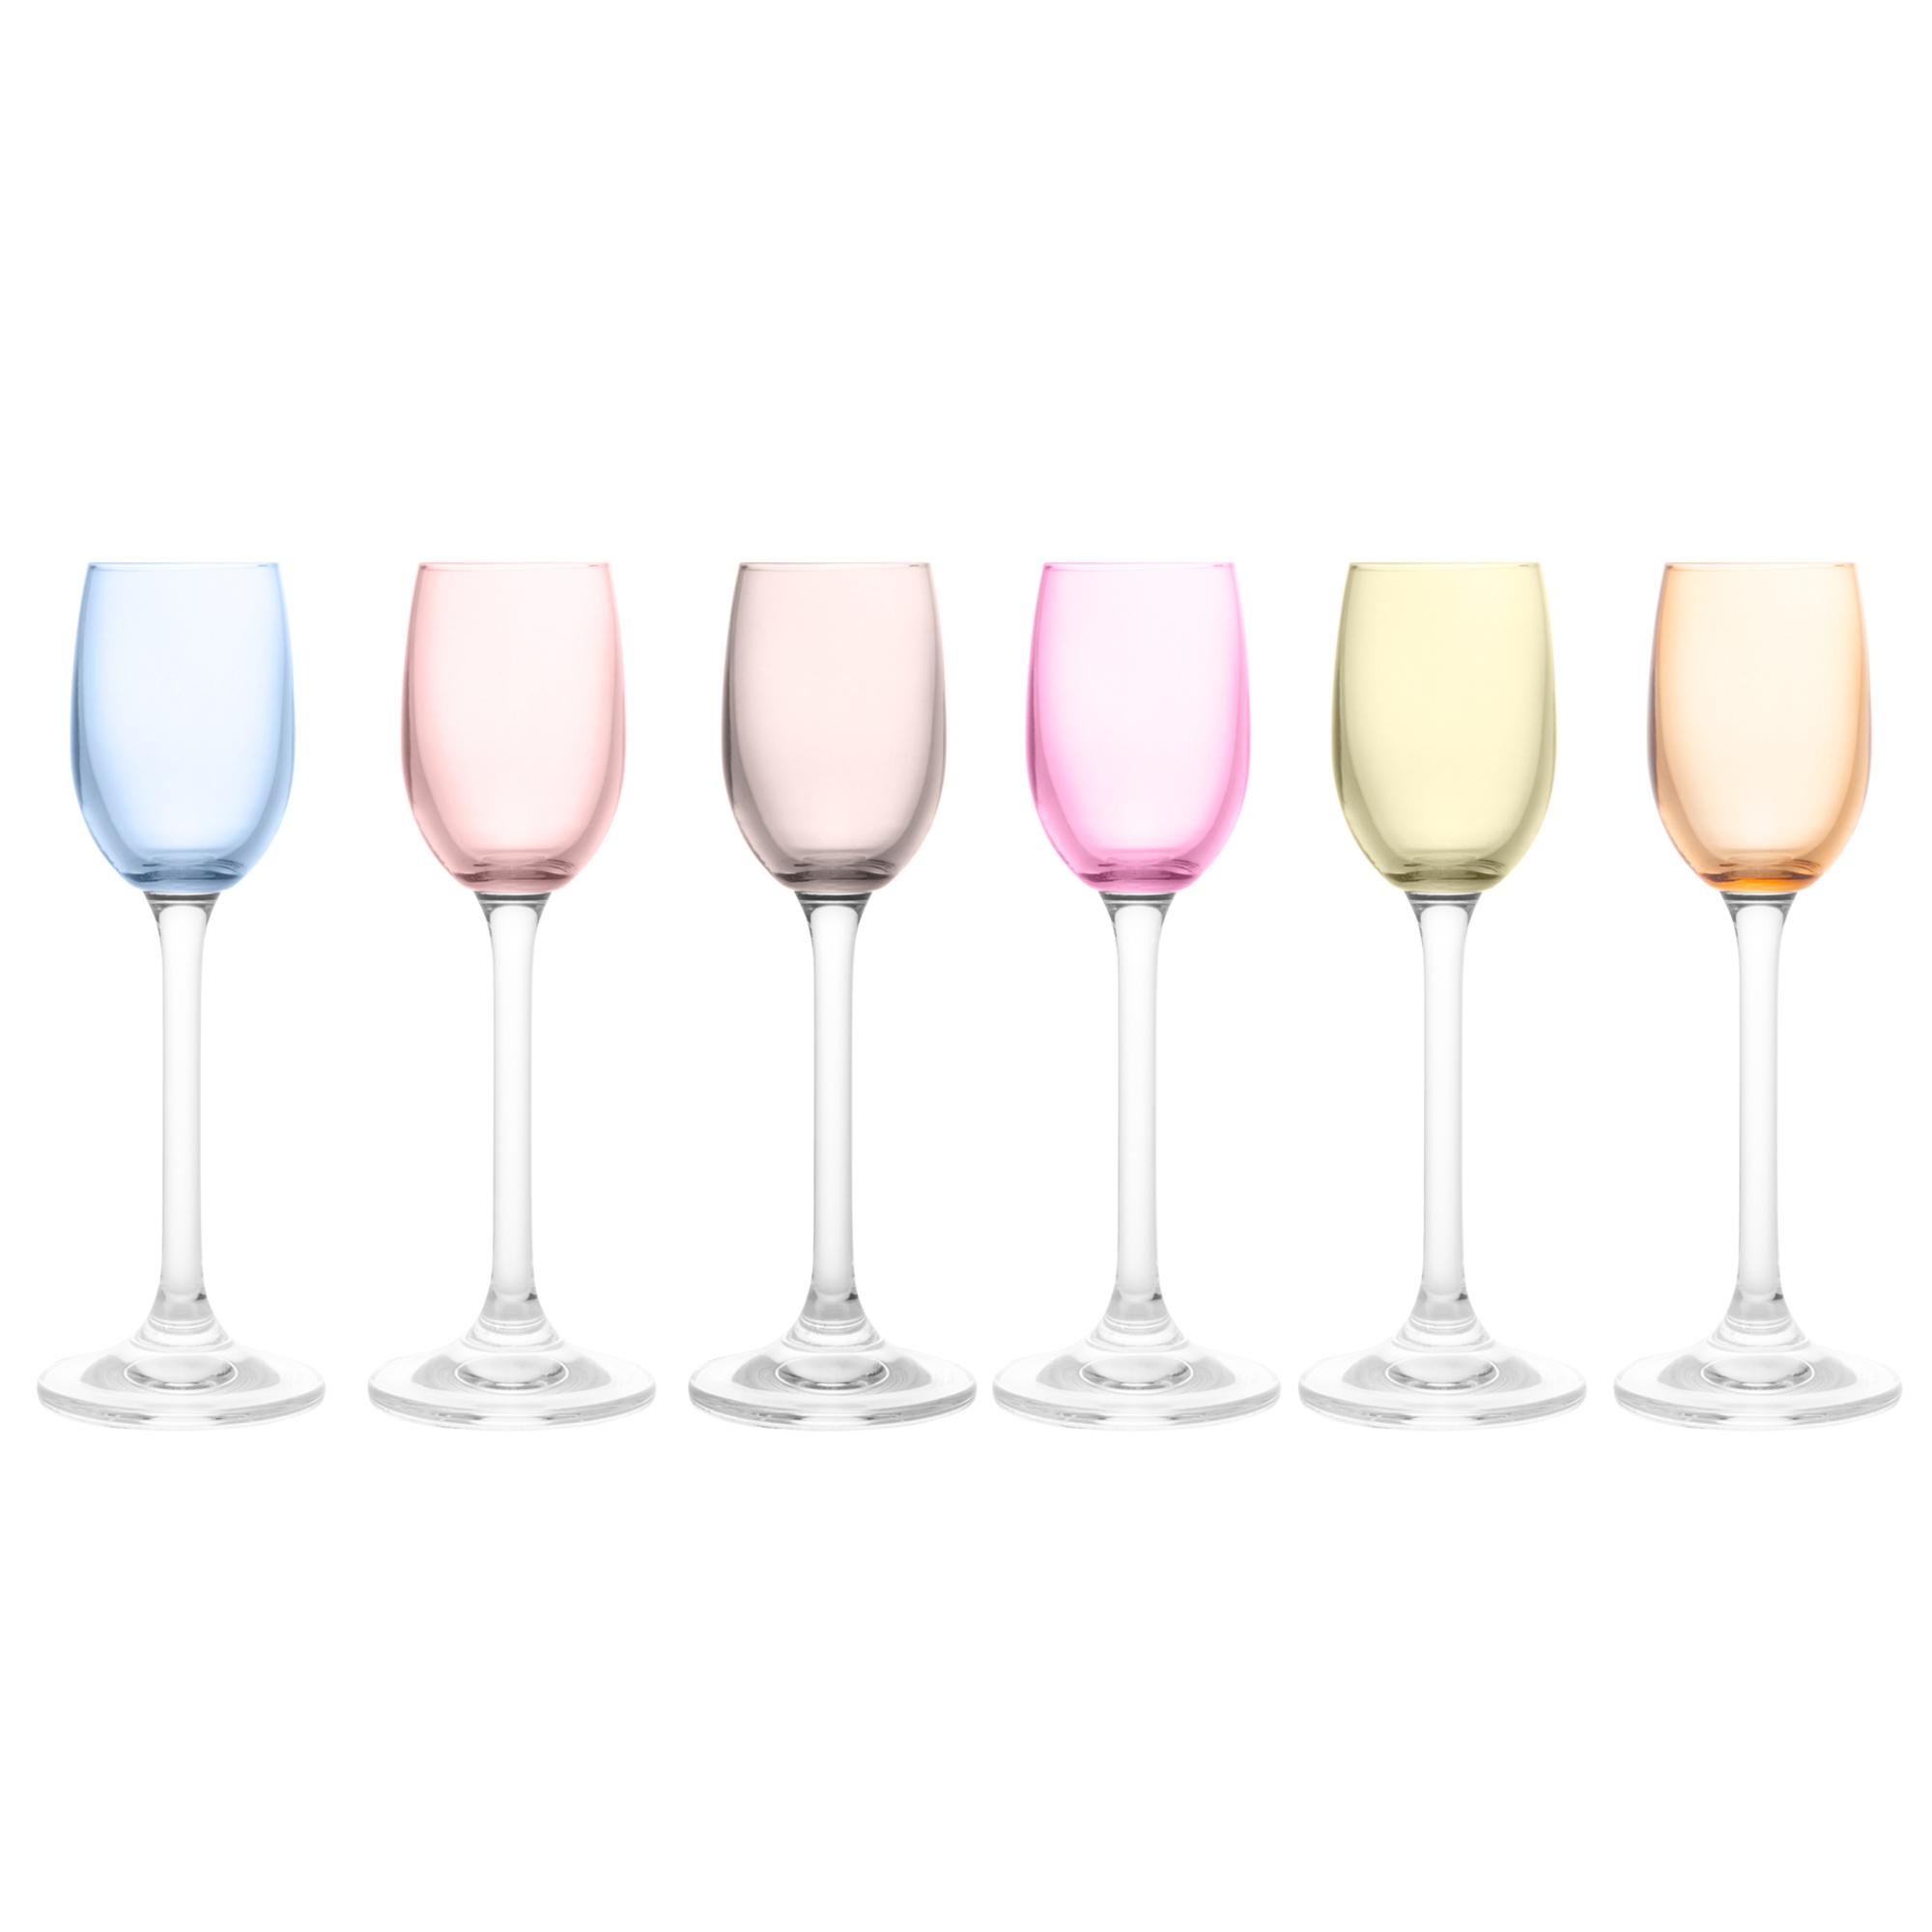 Jogo de 6 Taças para Licor em Cristal Bohemia Gastro/Colibri Colorida 65ml